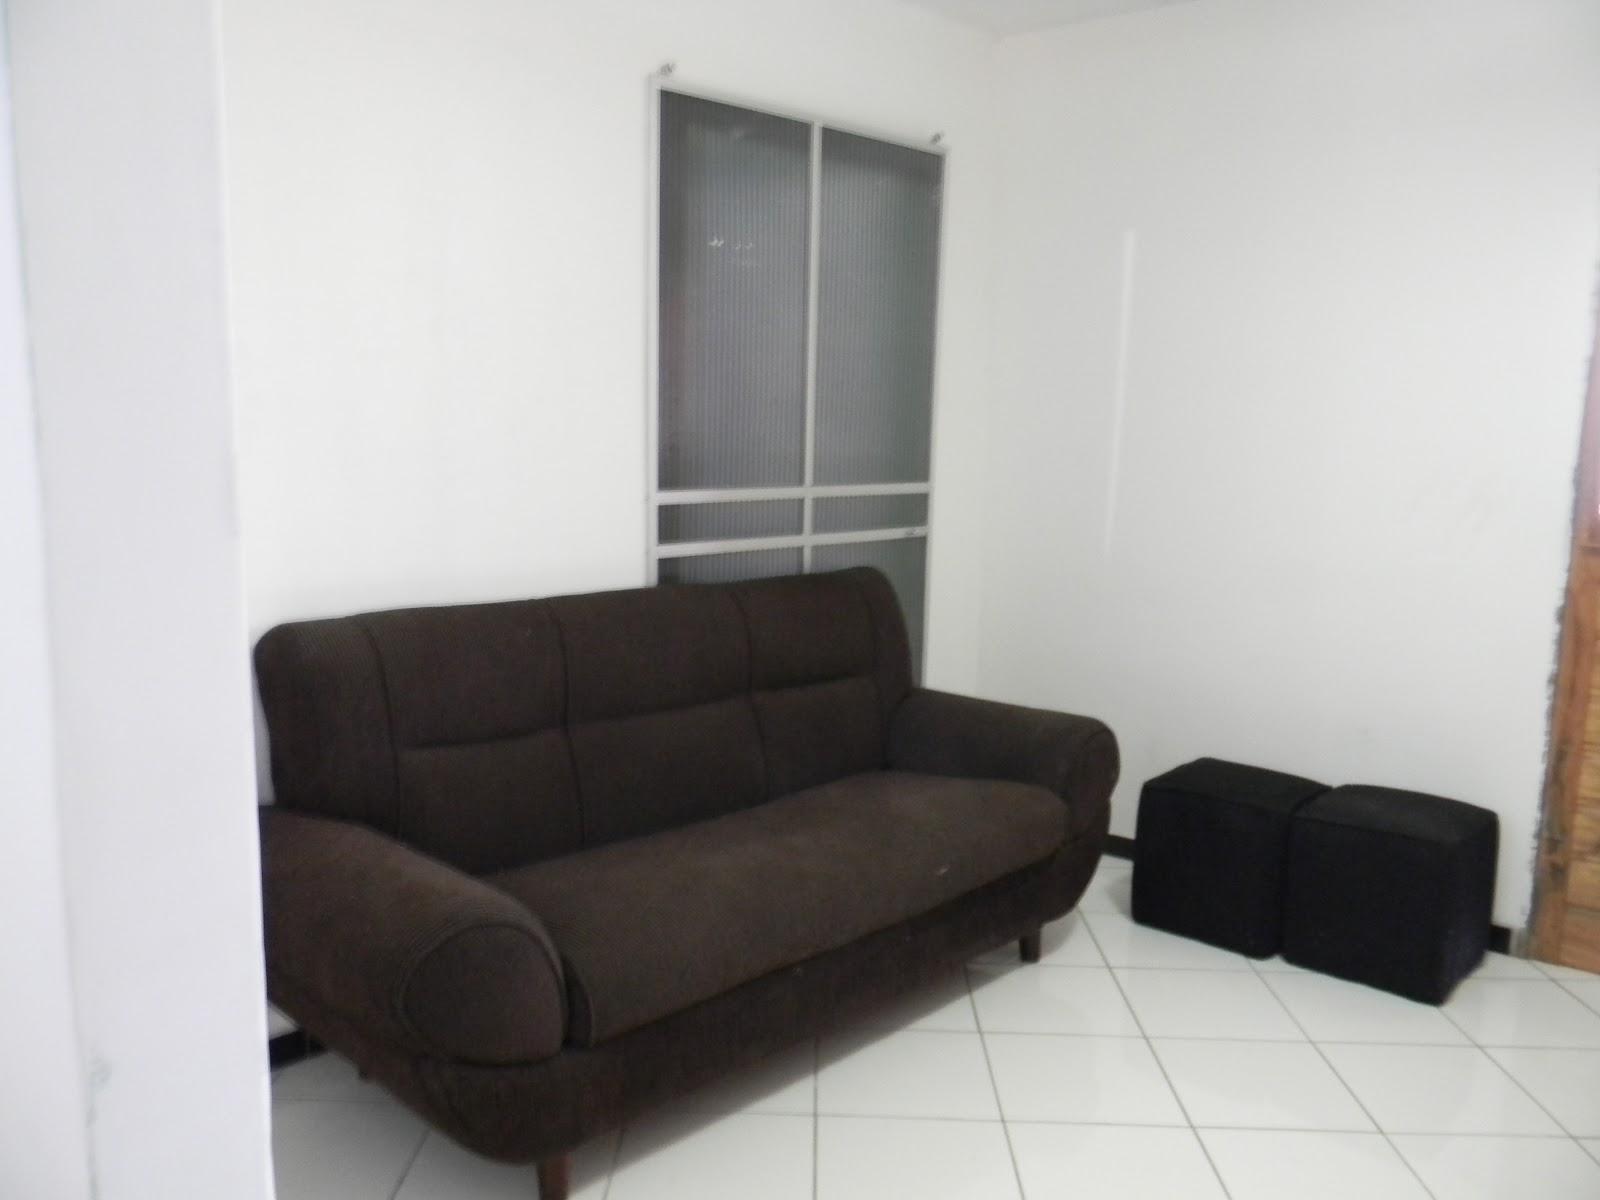 Minha Sala quero ajuda para decorar!!! ~ Recicle sua Casa #7E624B 1600x1200